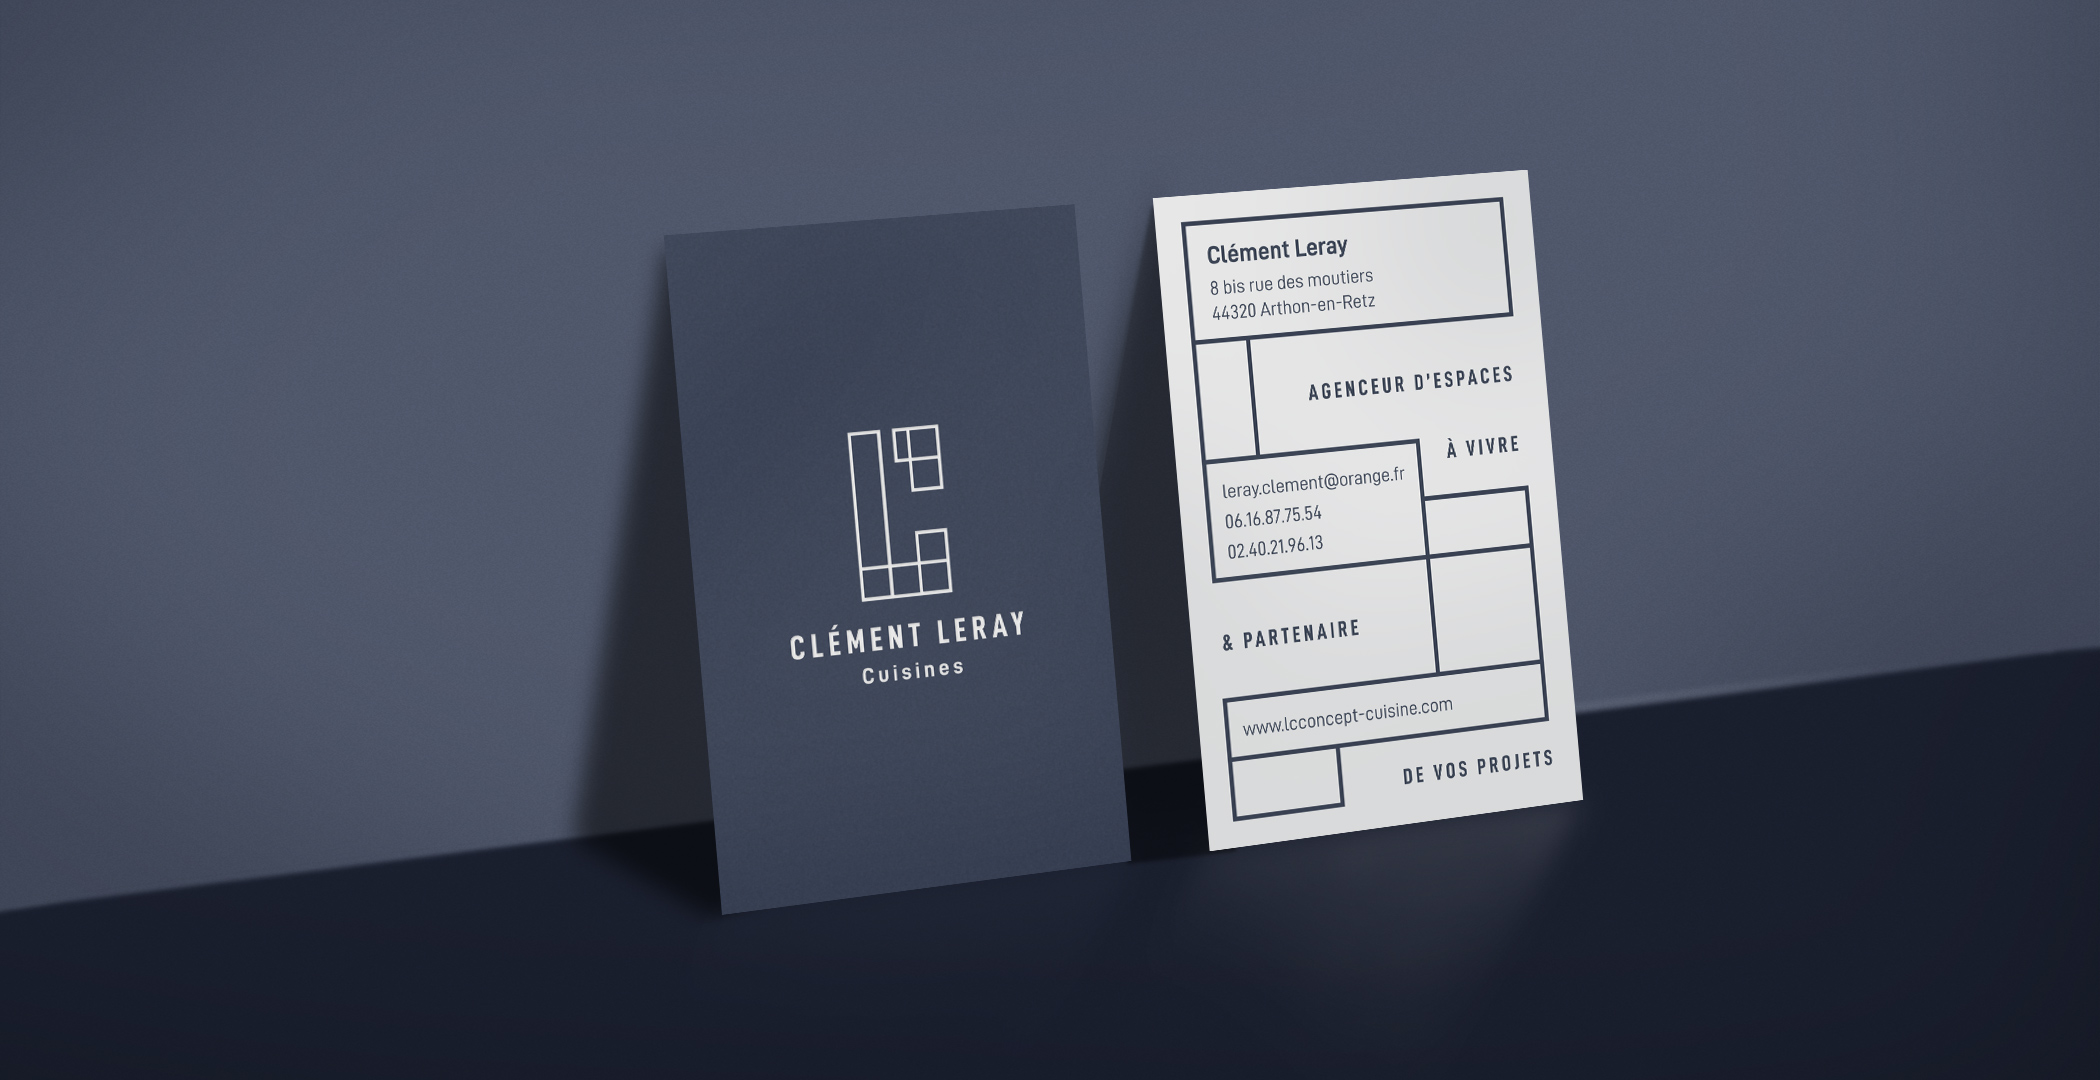 Clément Leray cartes de visite